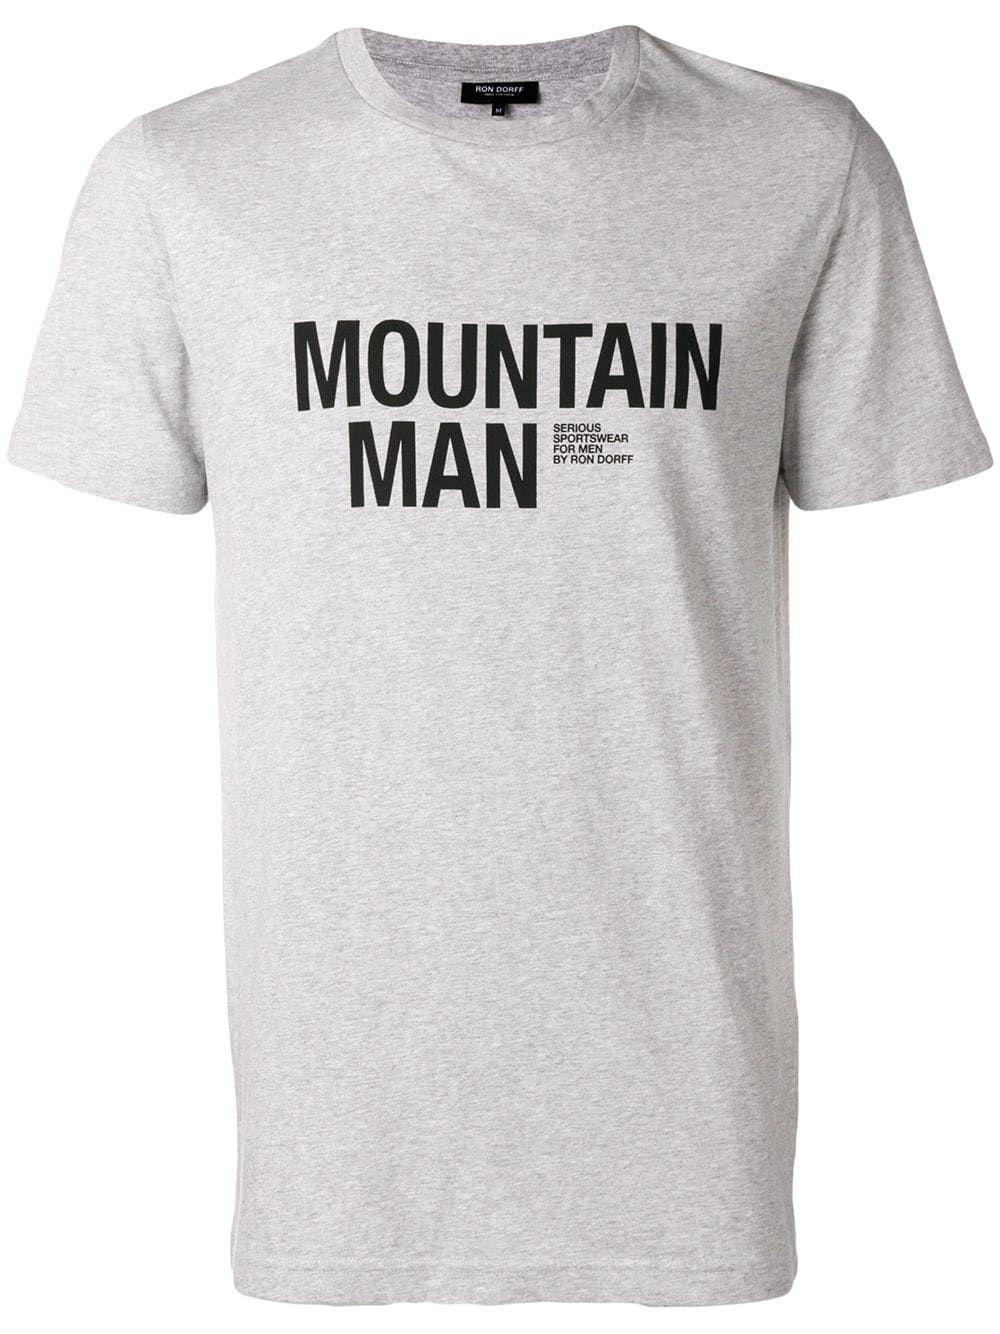 2d1ebbdab85 RON DORFF RON DORFF MOUNTAIN MAN T-SHIRT - GREY.  rondorff  cloth ...